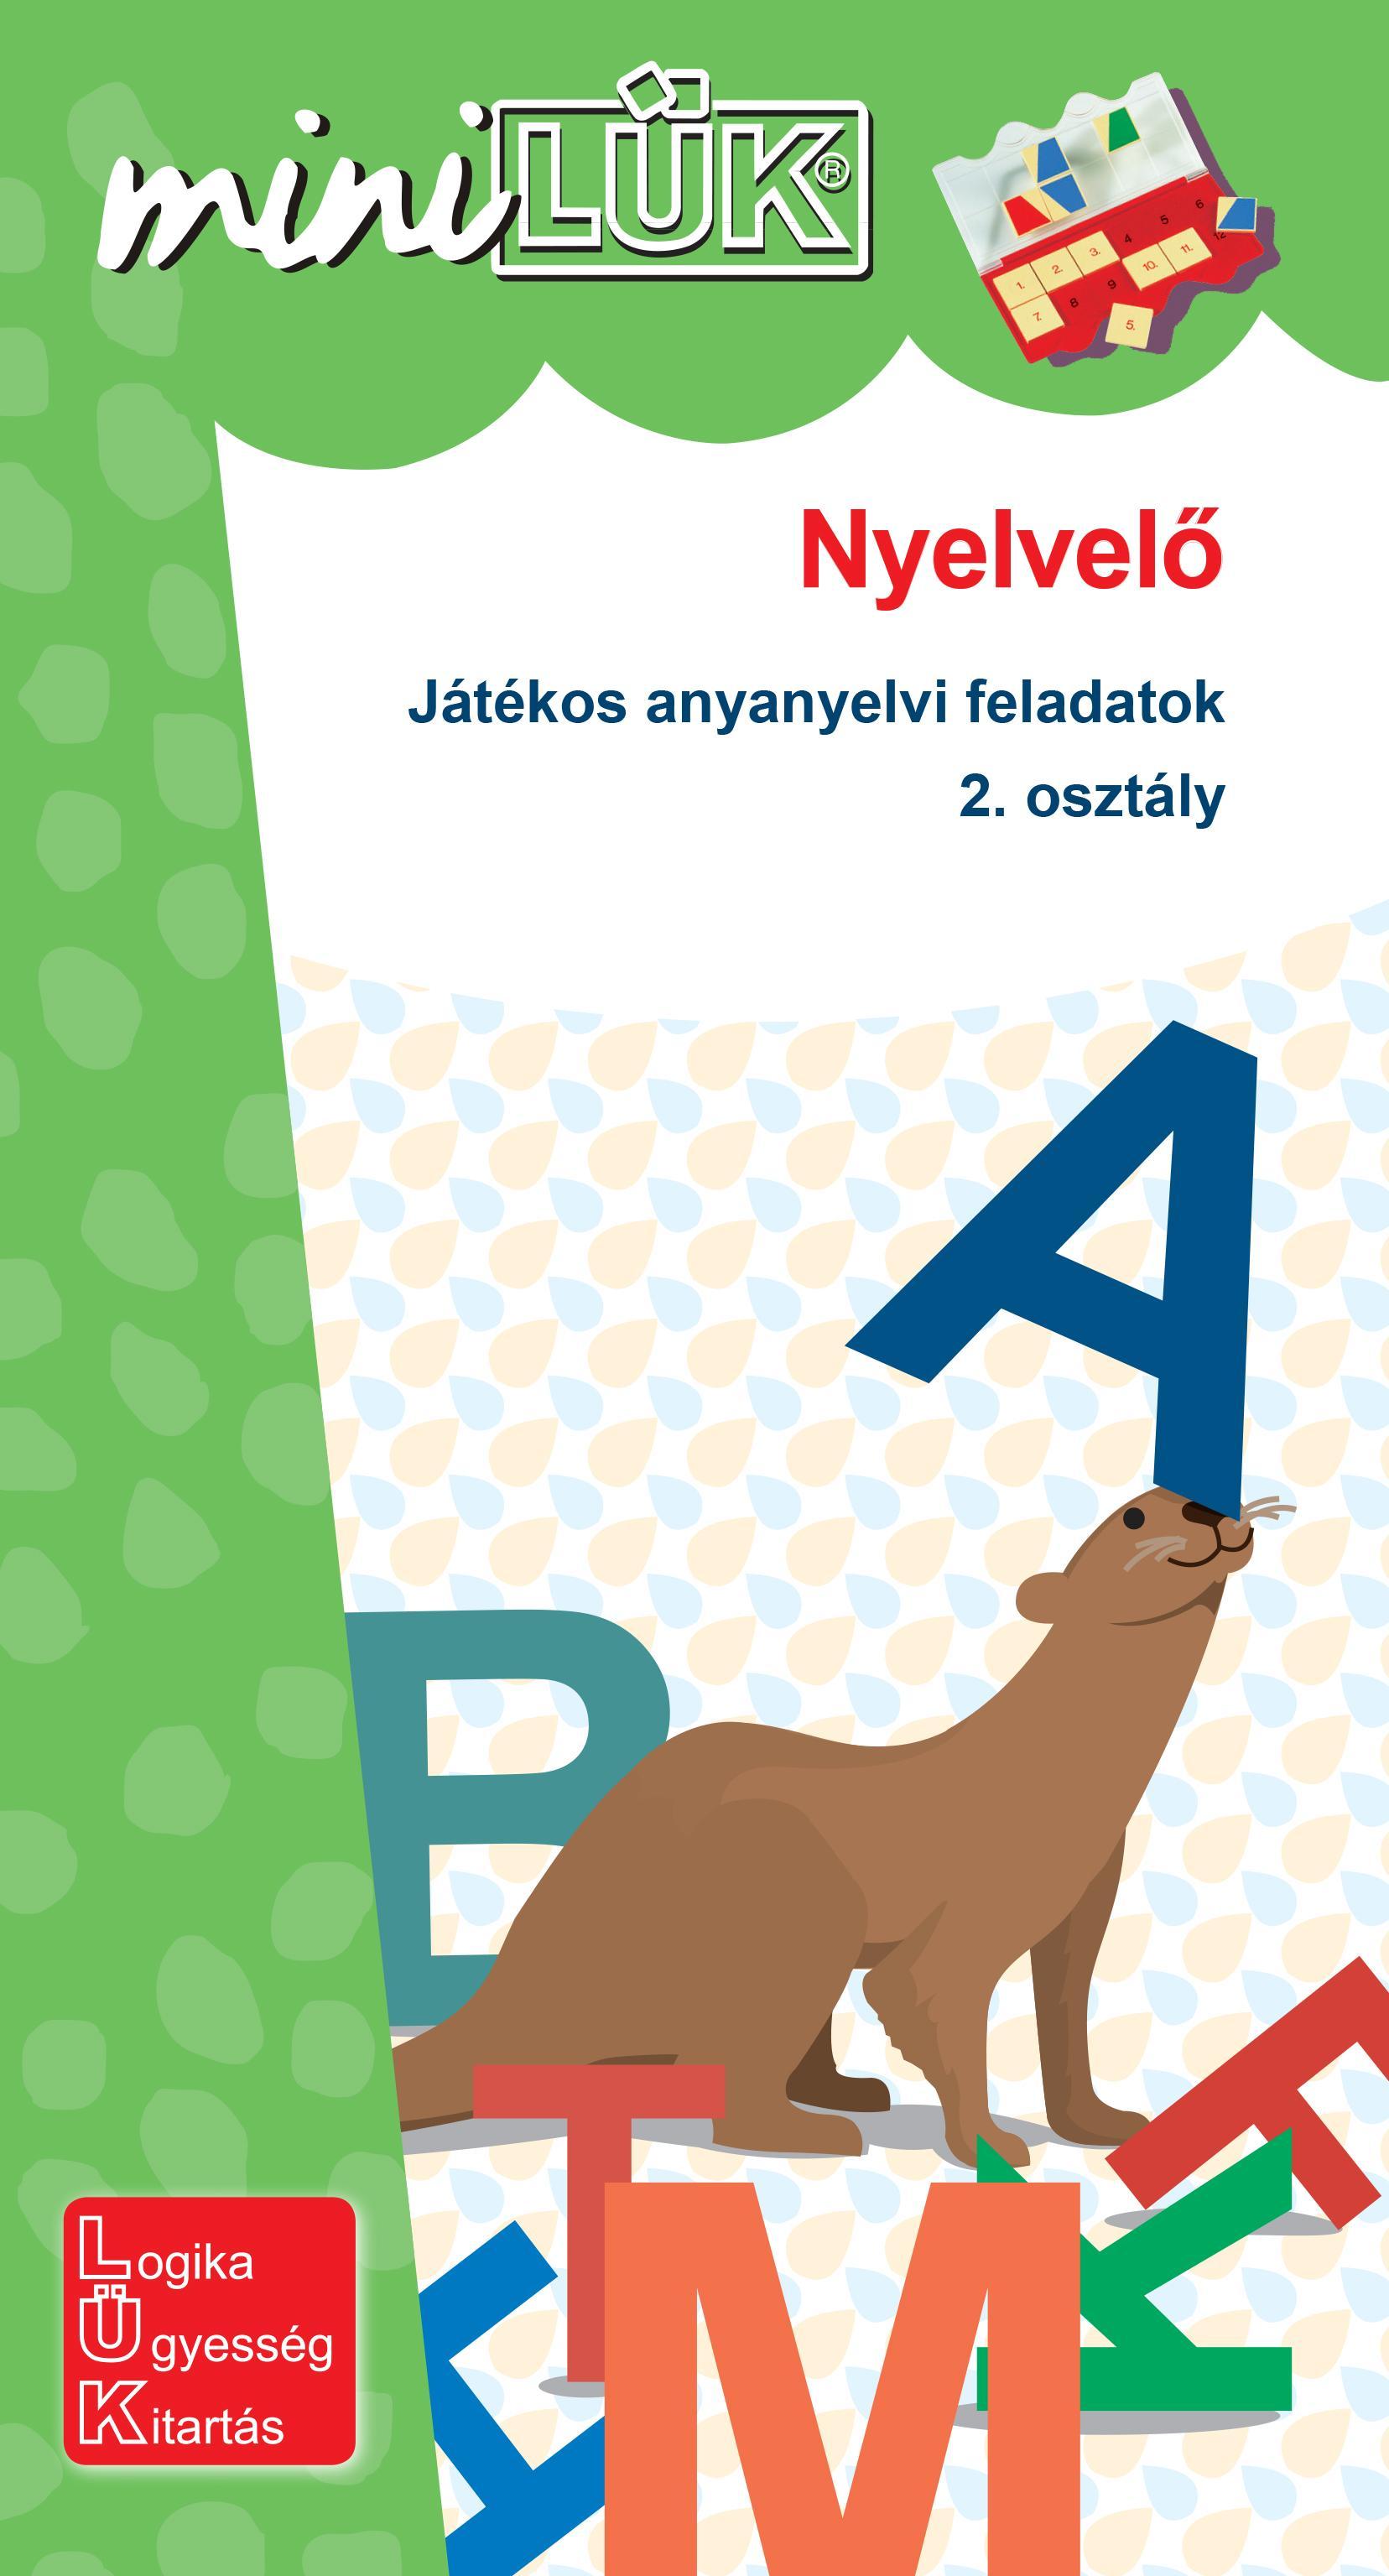 NYELVELŐ - JÁTÉKOS ANYANYELVI FELADATOK 2. OSZTÁLY  - MINILÜK